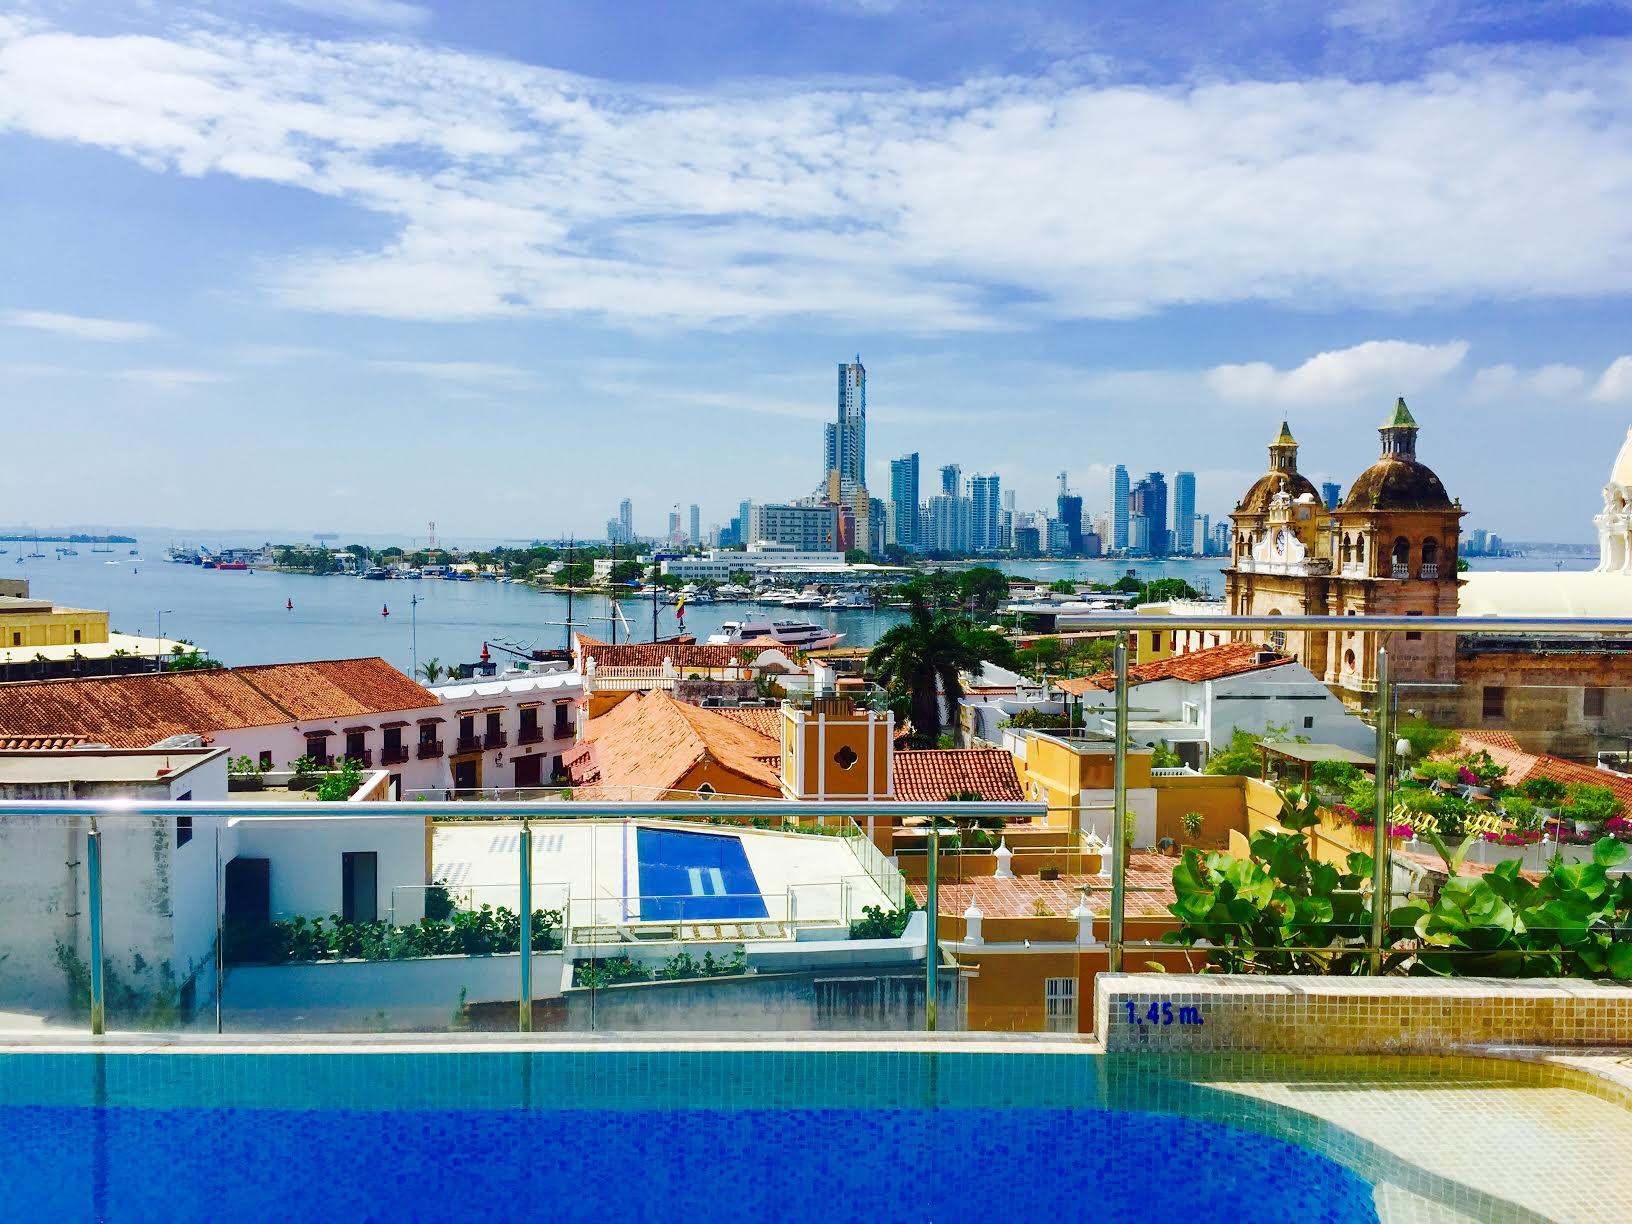 Cartagena Colombia Skyline BocaGrande